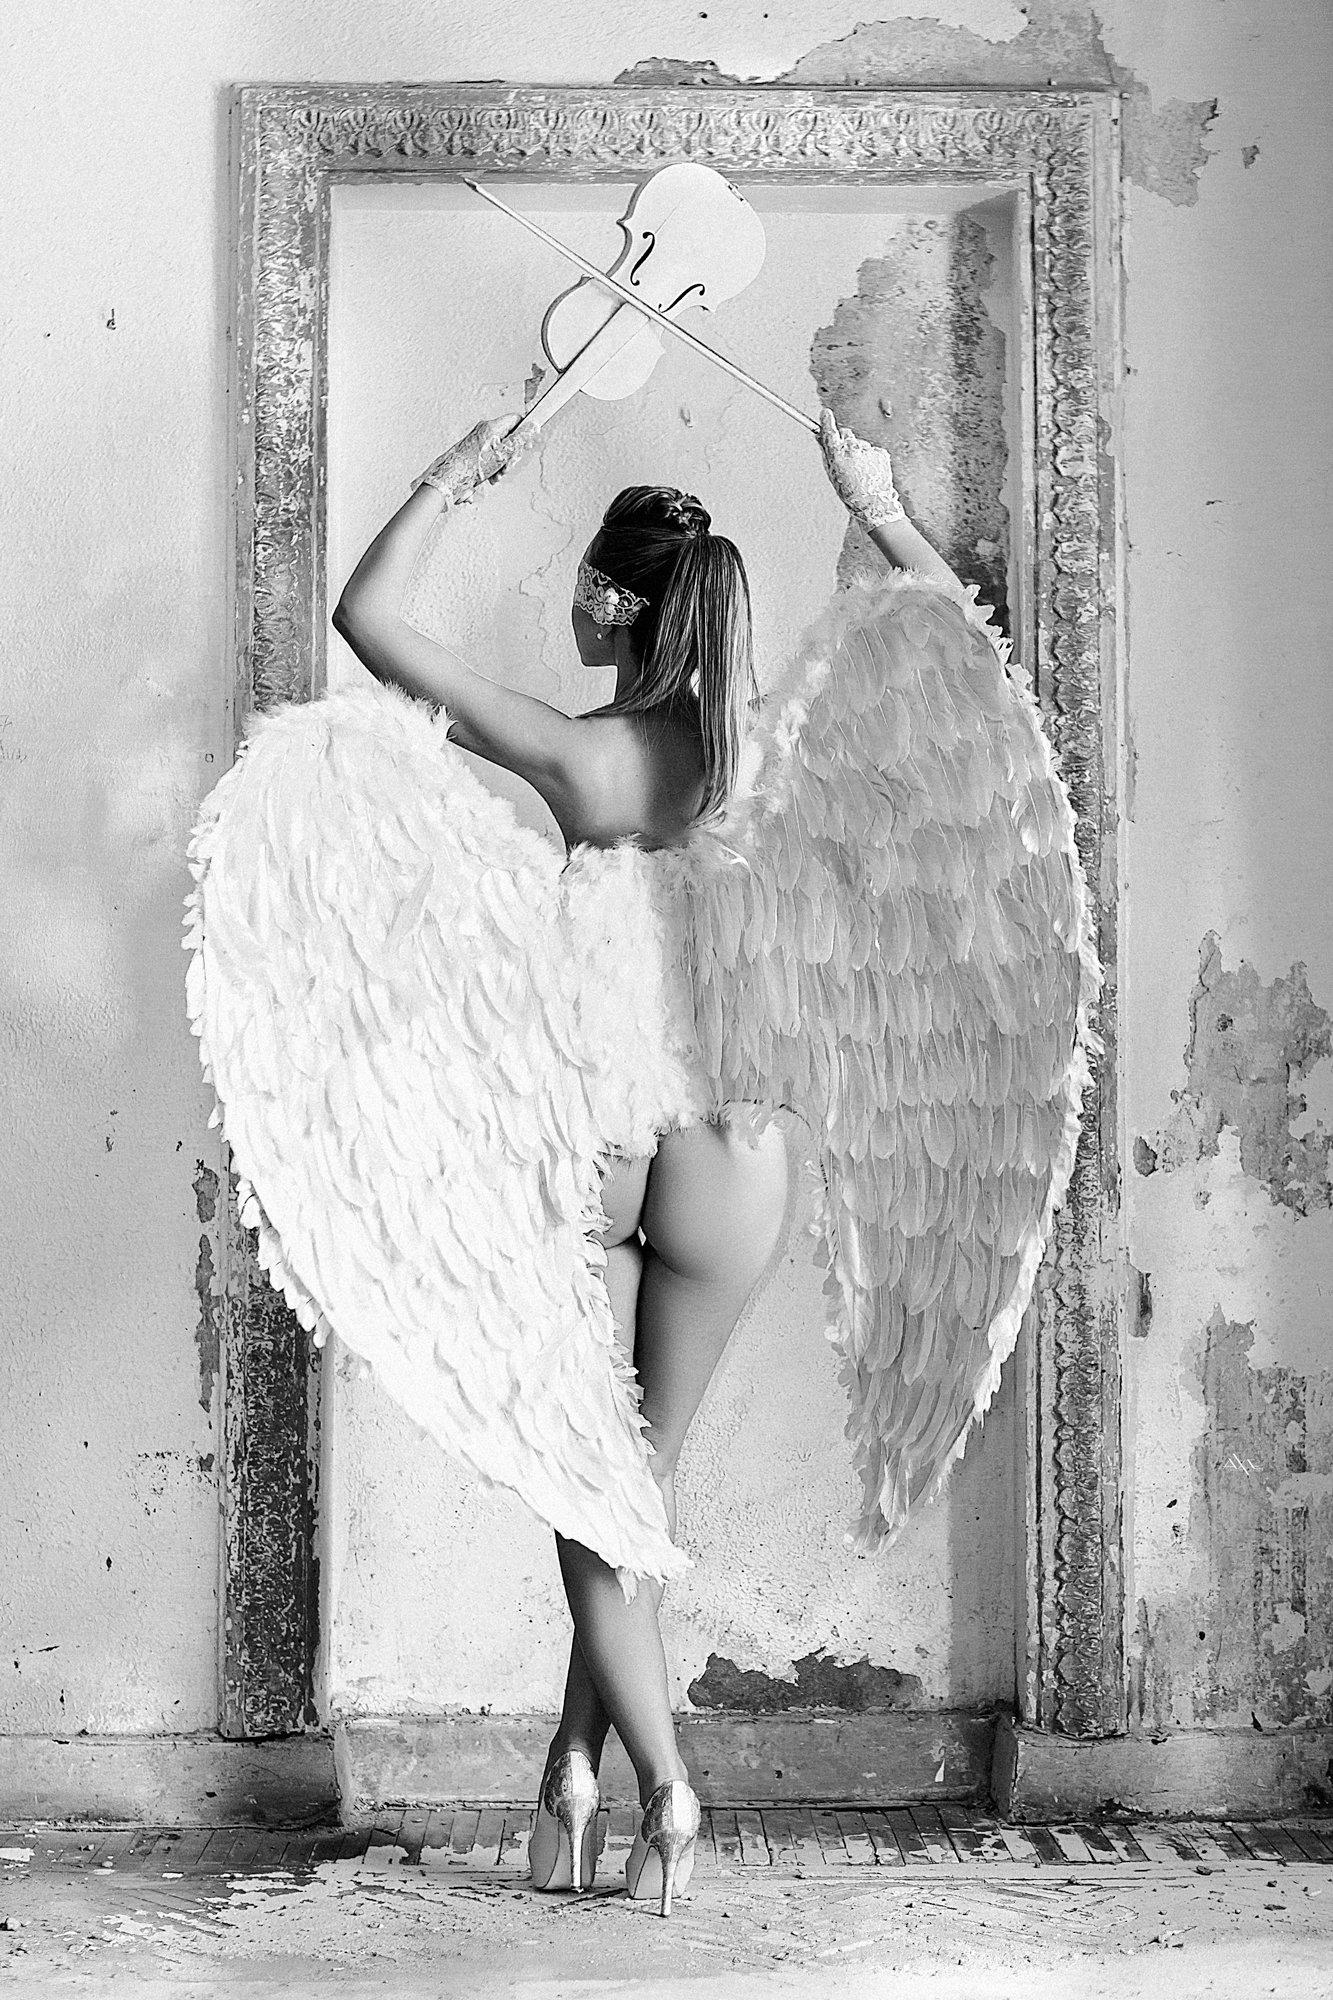 woman, nude, art, natural light, Руслан Болгов (Axe)